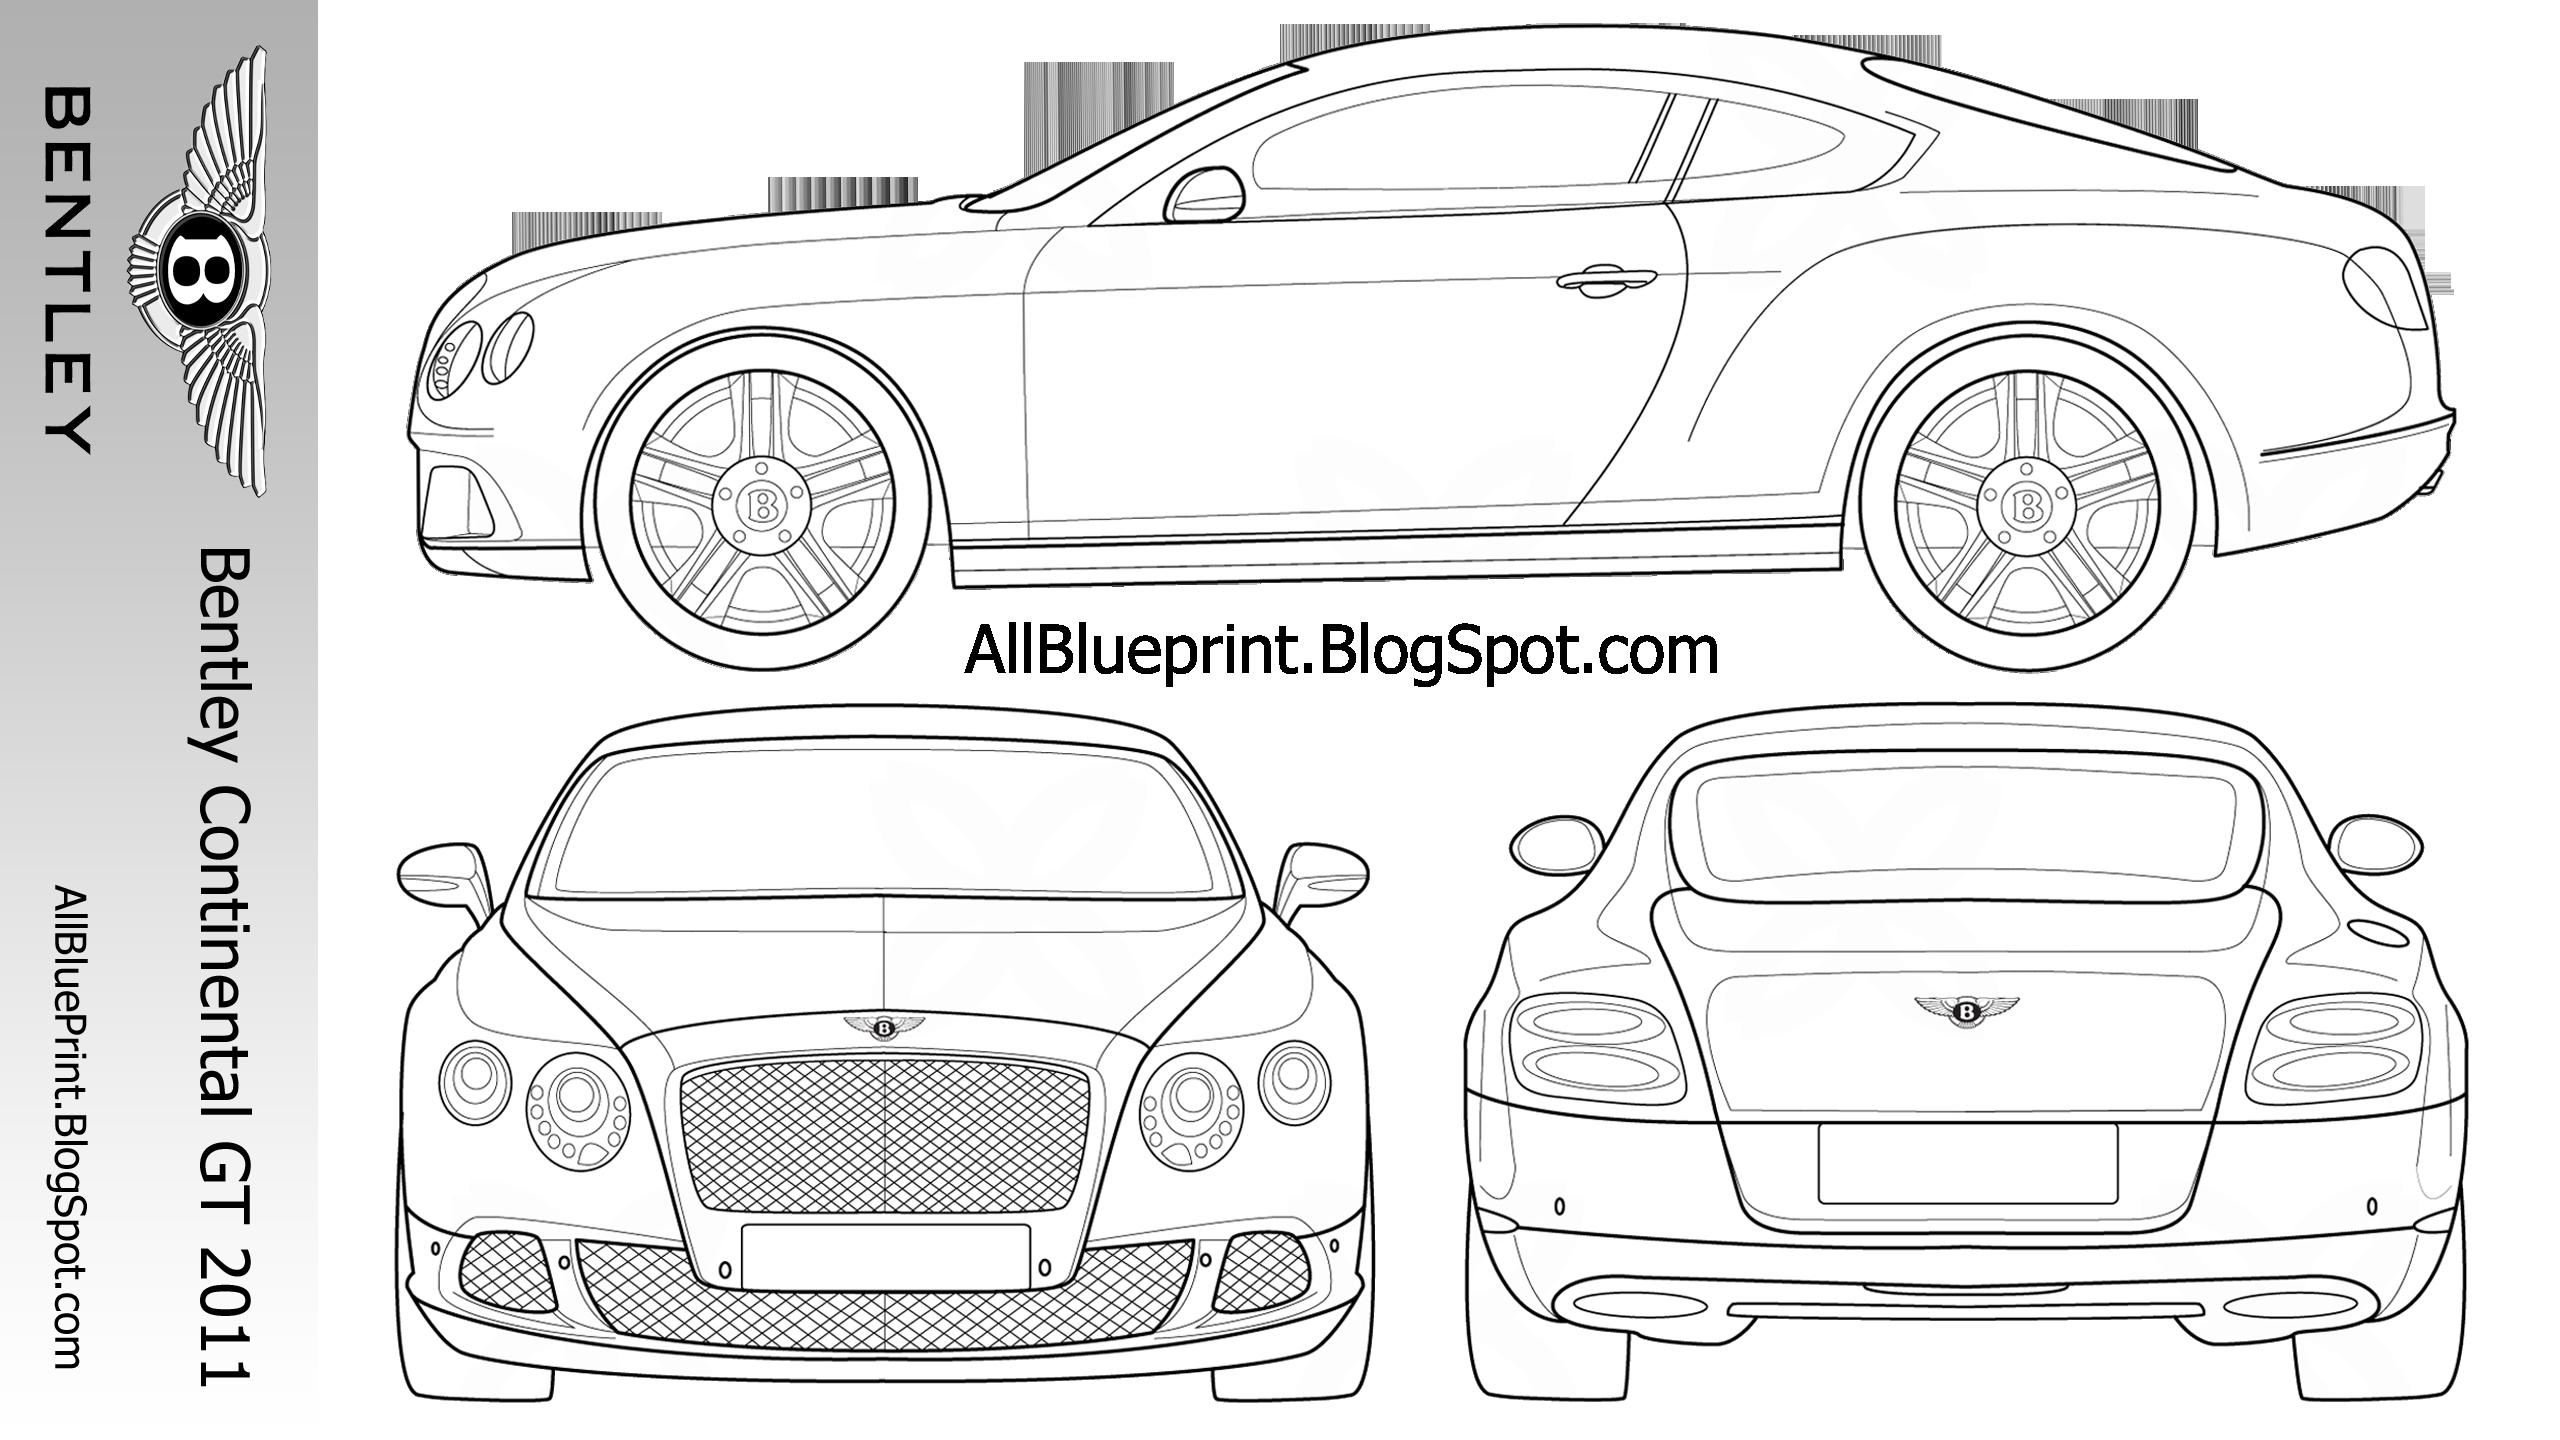 All BluePrint: Bentley Continental GT 2011 2560x1440 Blueprint